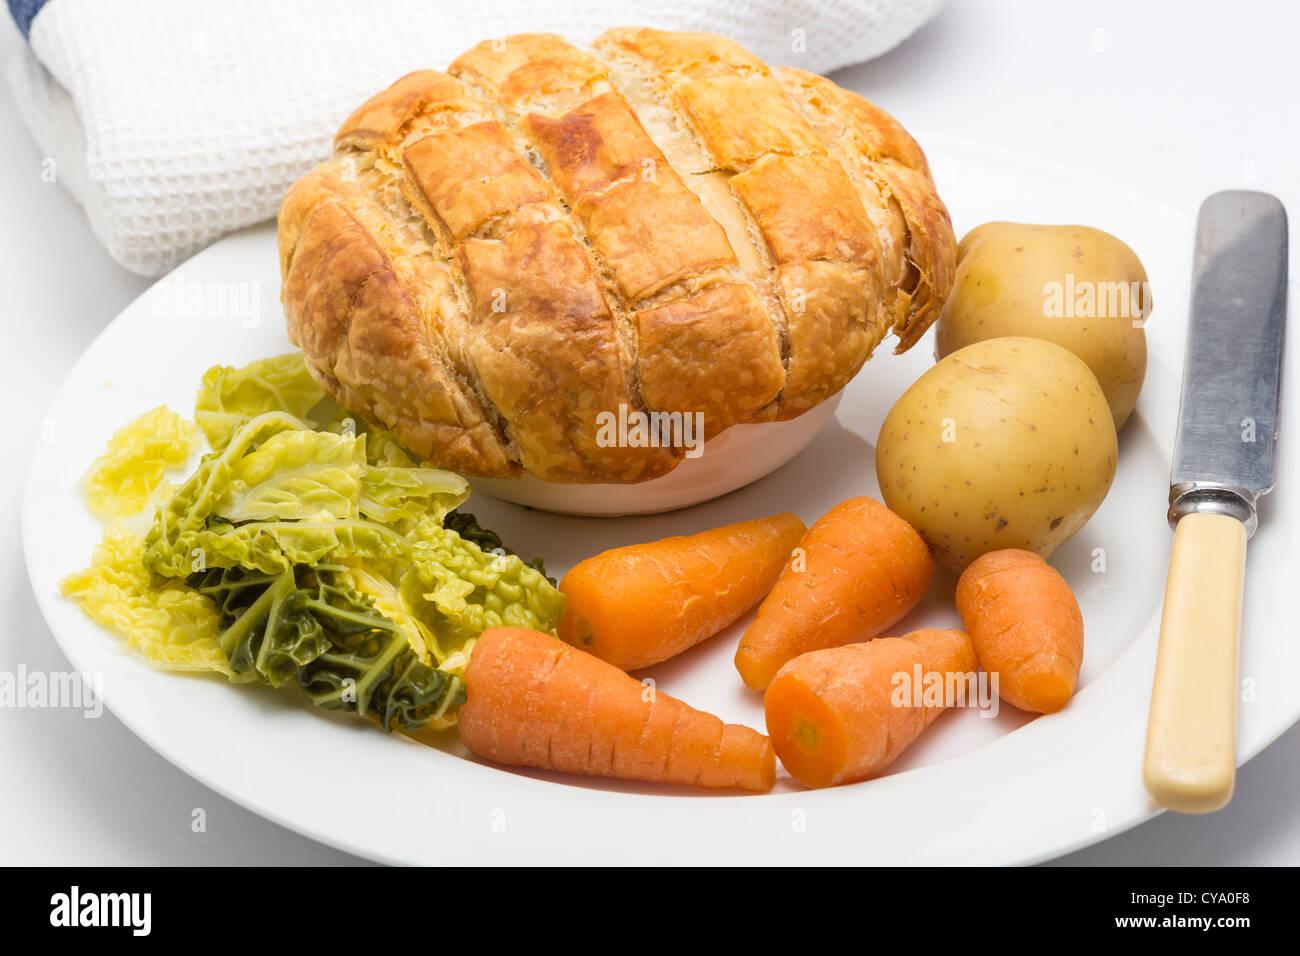 Steak und Ale Pie Karotten, Kohl und Kartoffeln Stockbild